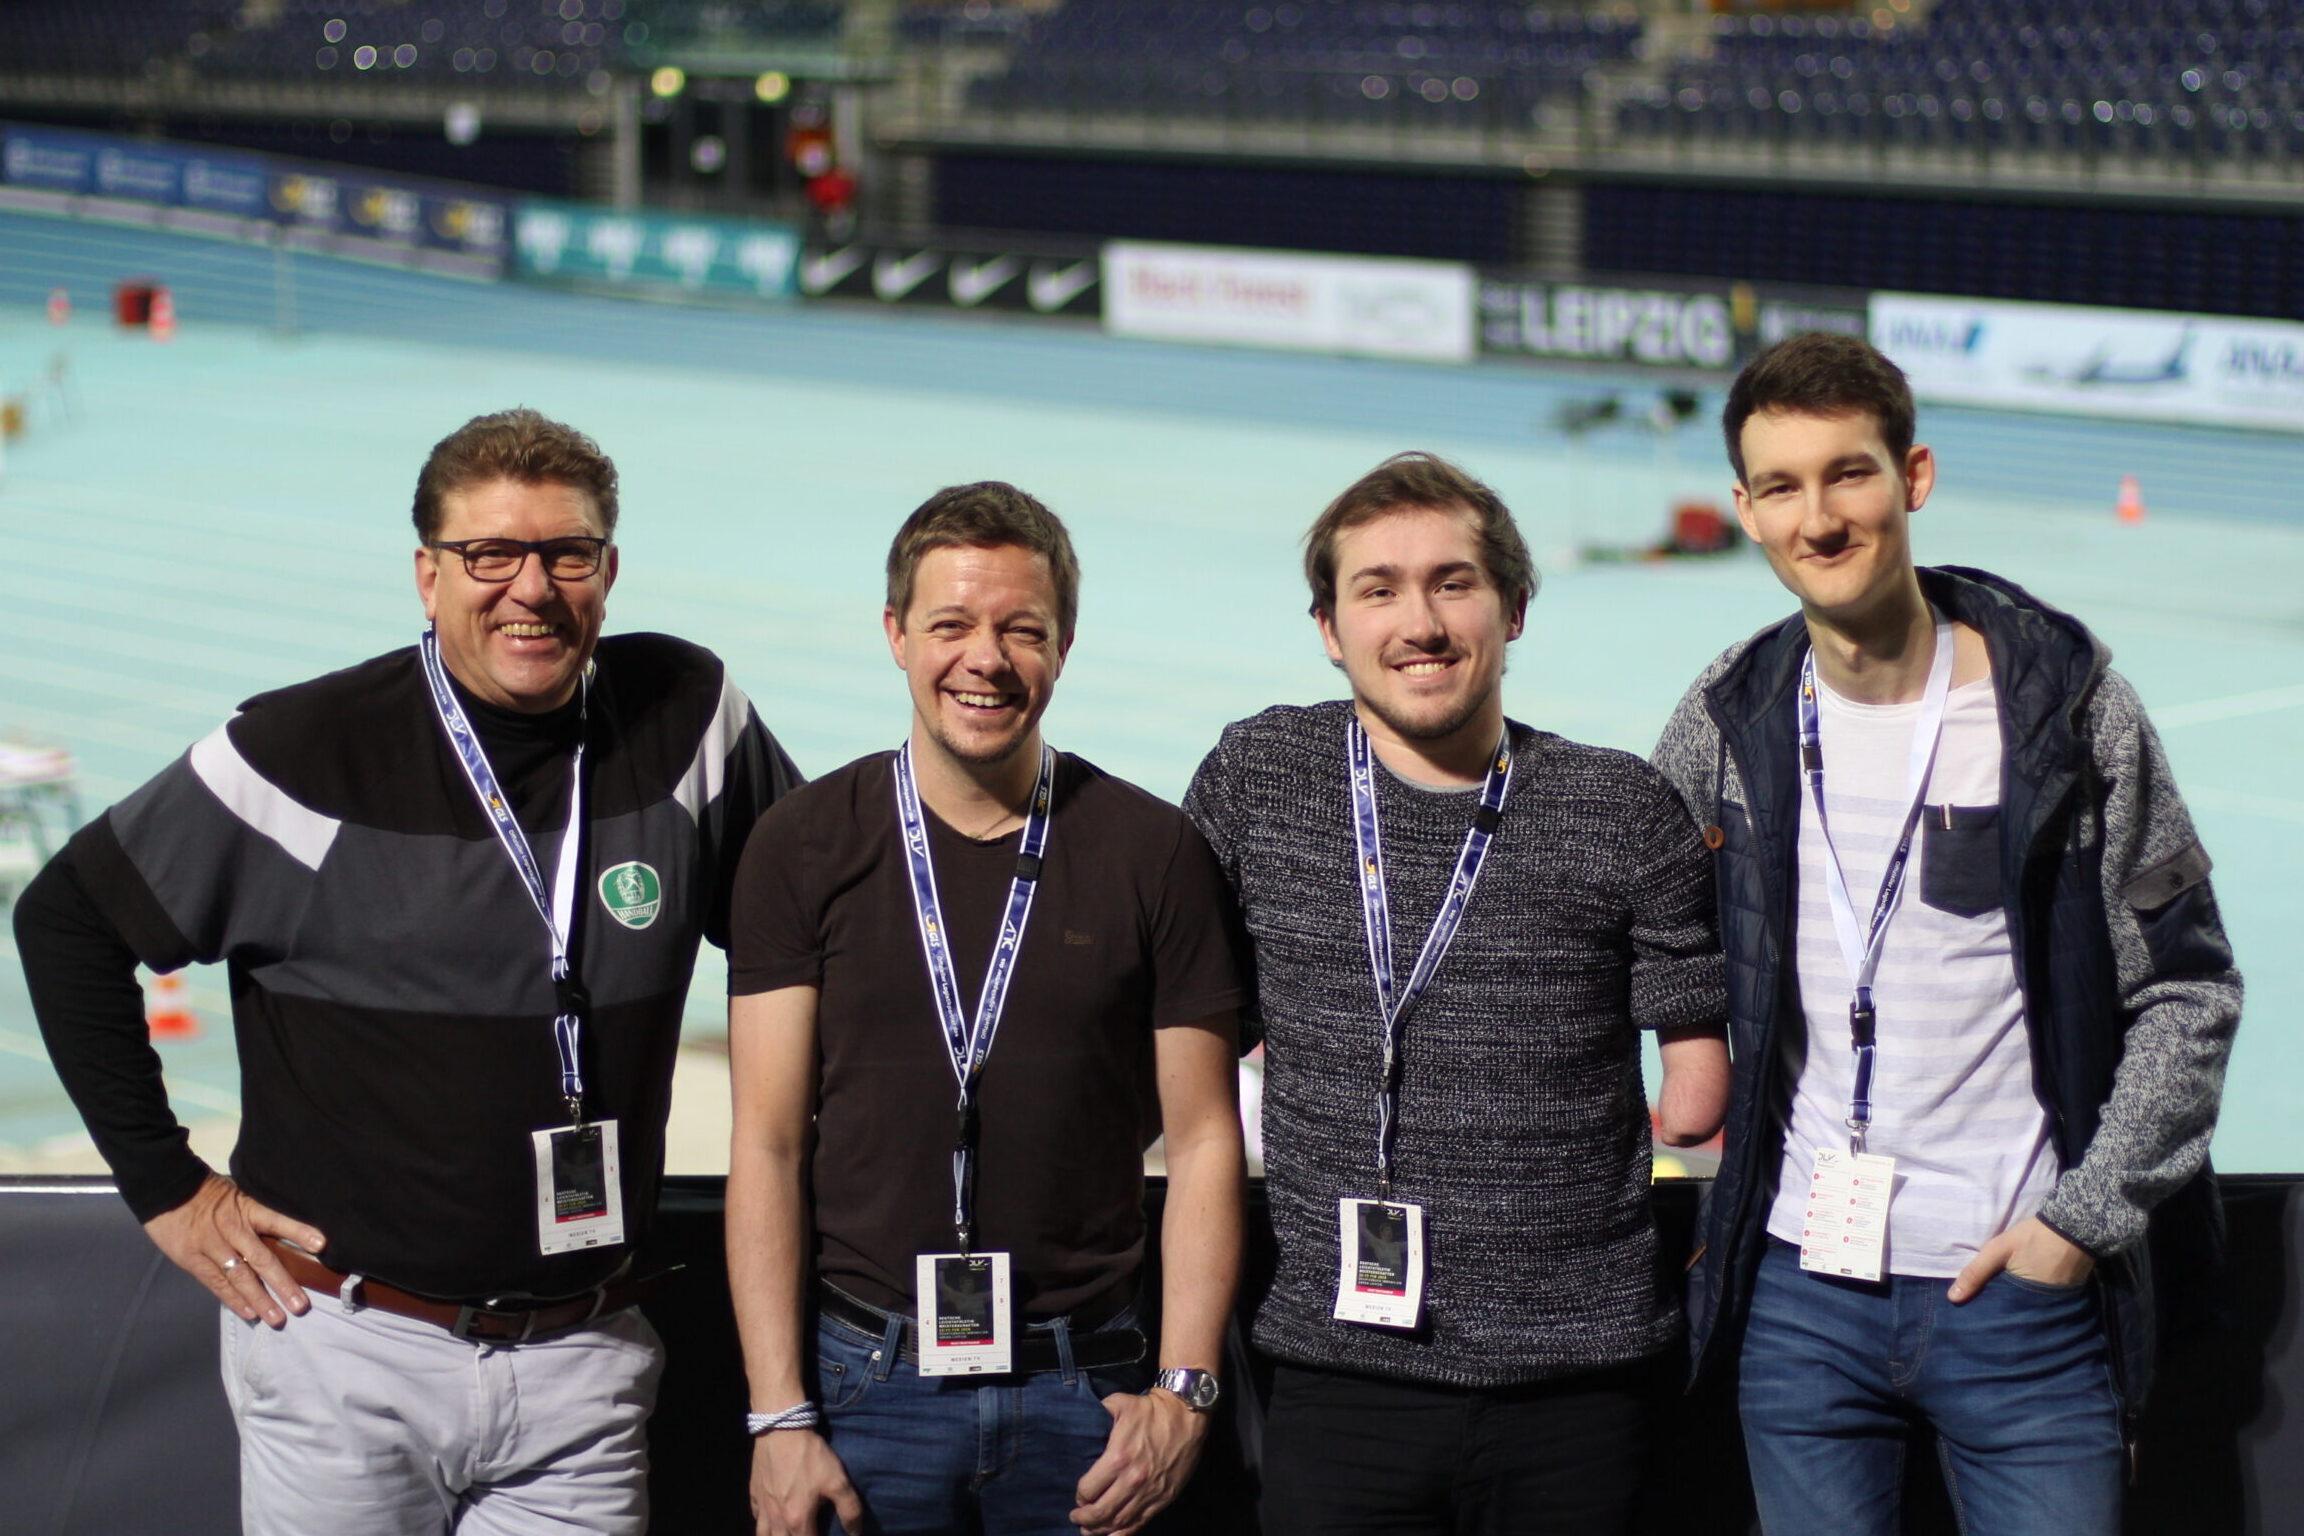 Die Sprecher für Audiodeskription stehen an einer Bande und grinsen in die Kamera. Im Hintergrund ist die Leichtathletik-Arena zu erkennen, Foto: Tomke Koop.